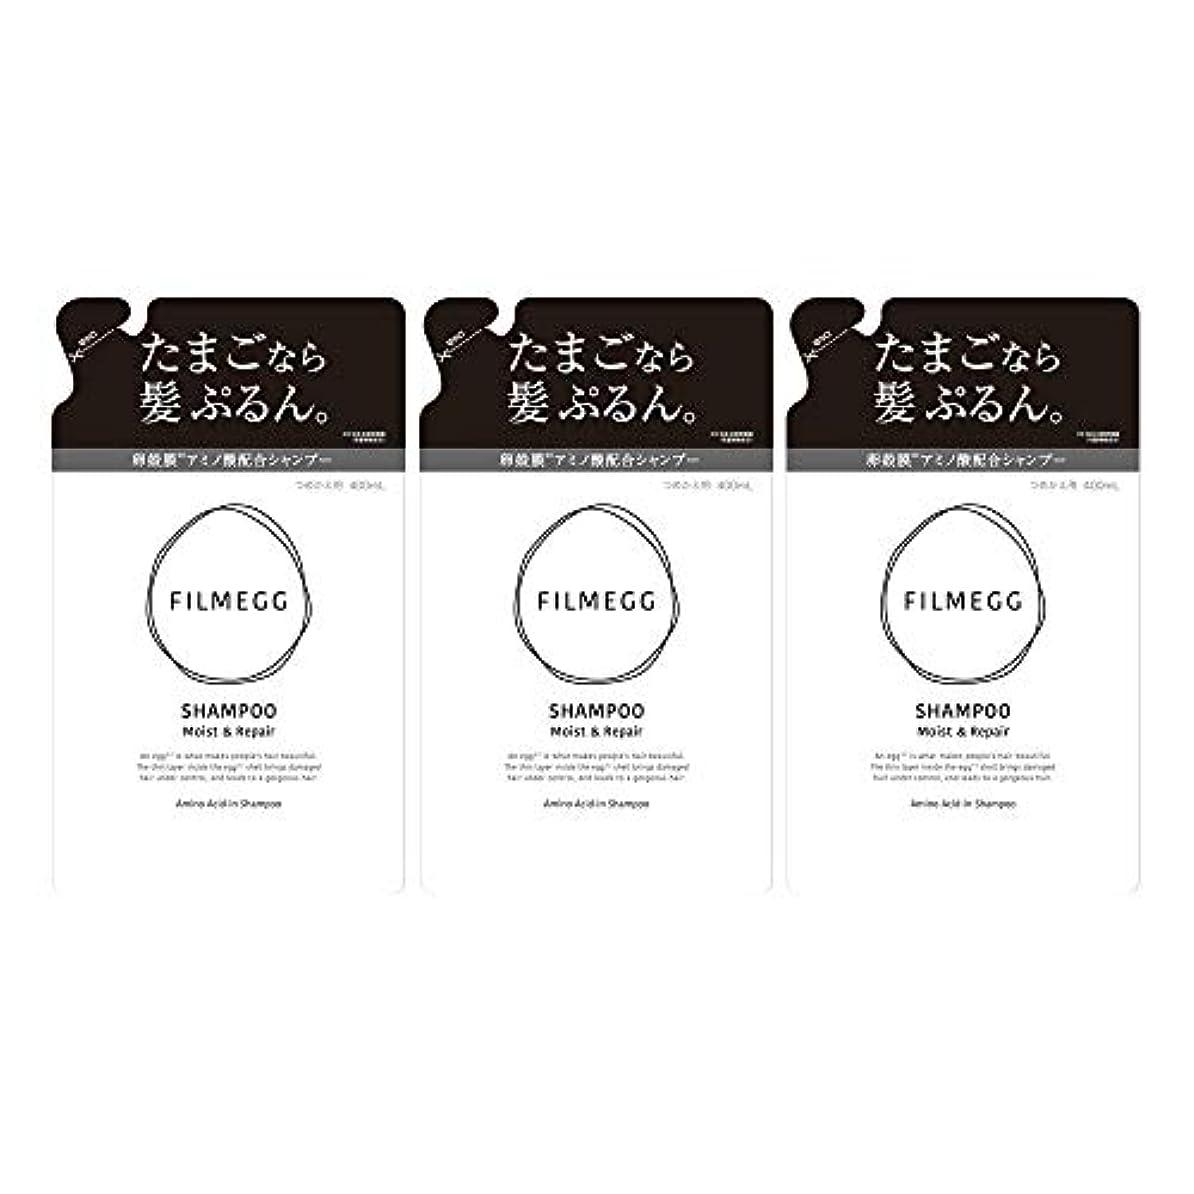 トライアスロン解決する炭水化物【3個セット】FILMEGG(フィルメッグ) シャンプー 詰替え 400ml